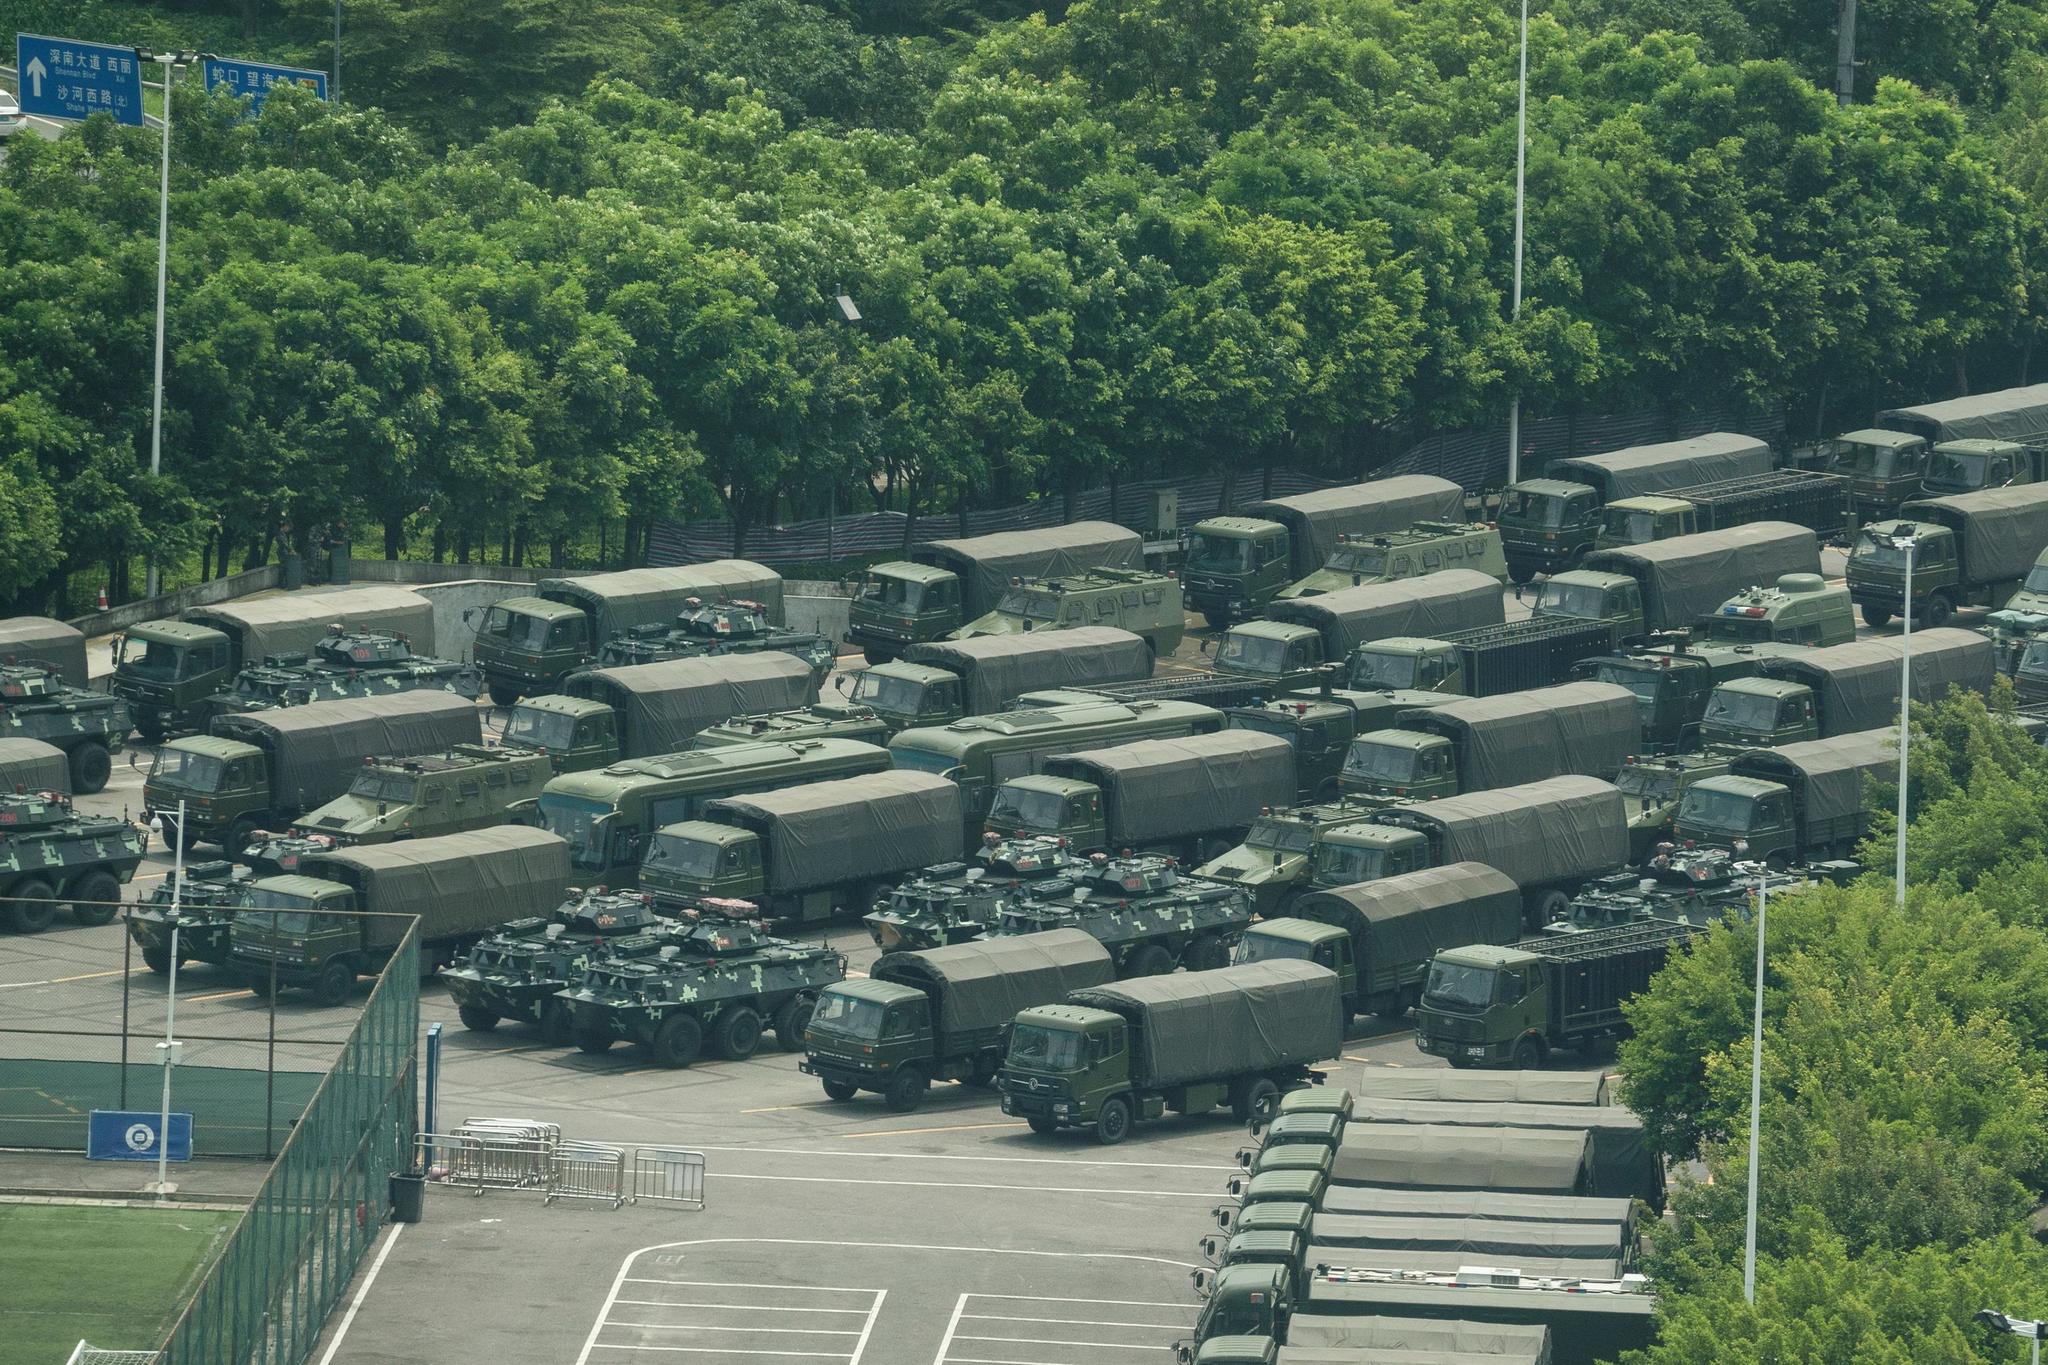 군용 트럭과 병력 수송 장갑차량이 15일 홍콩 인근 광둥성 선전의 스타디움에 도열해 있다. 이날 아침 스타디움에서 수천명의 중국군이 훈련하는 모습이 목격돼 홍콩사태에 무력 개입하는 것이 아닌가 하는 공포를 불러일으켰다.[AFP=연합뉴스]